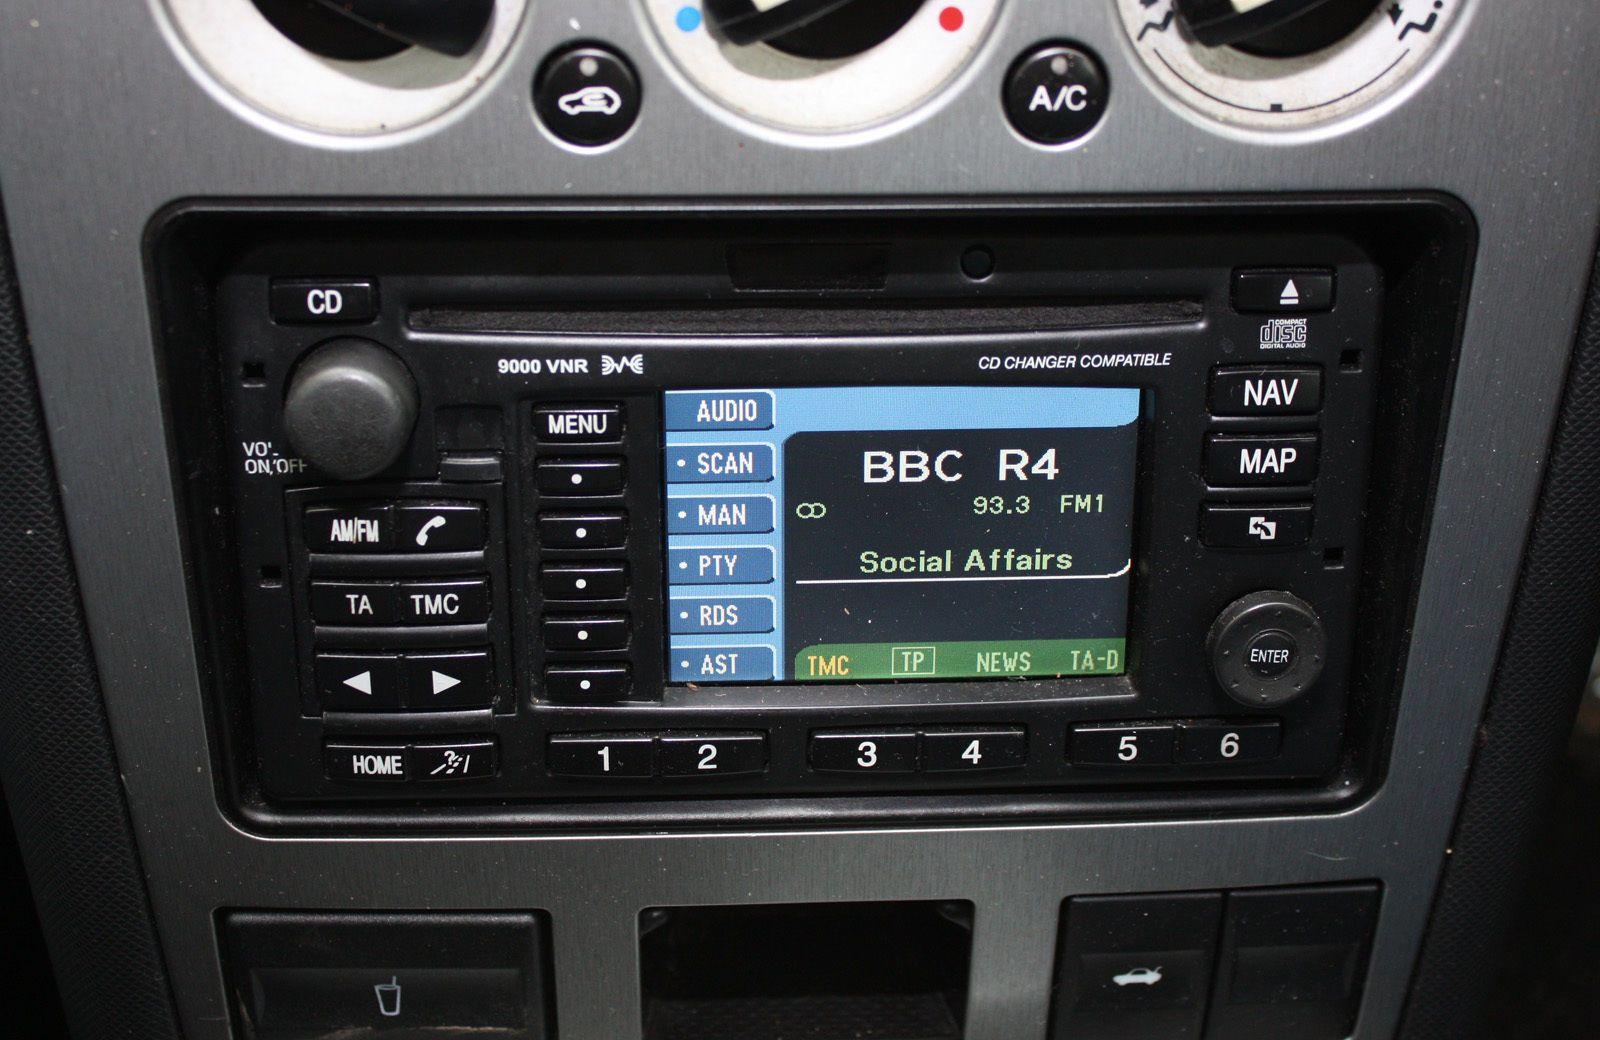 Ford Focus Mk1 Mondeo Mk3 Cd 9000 Vns Sat Nav Navigation